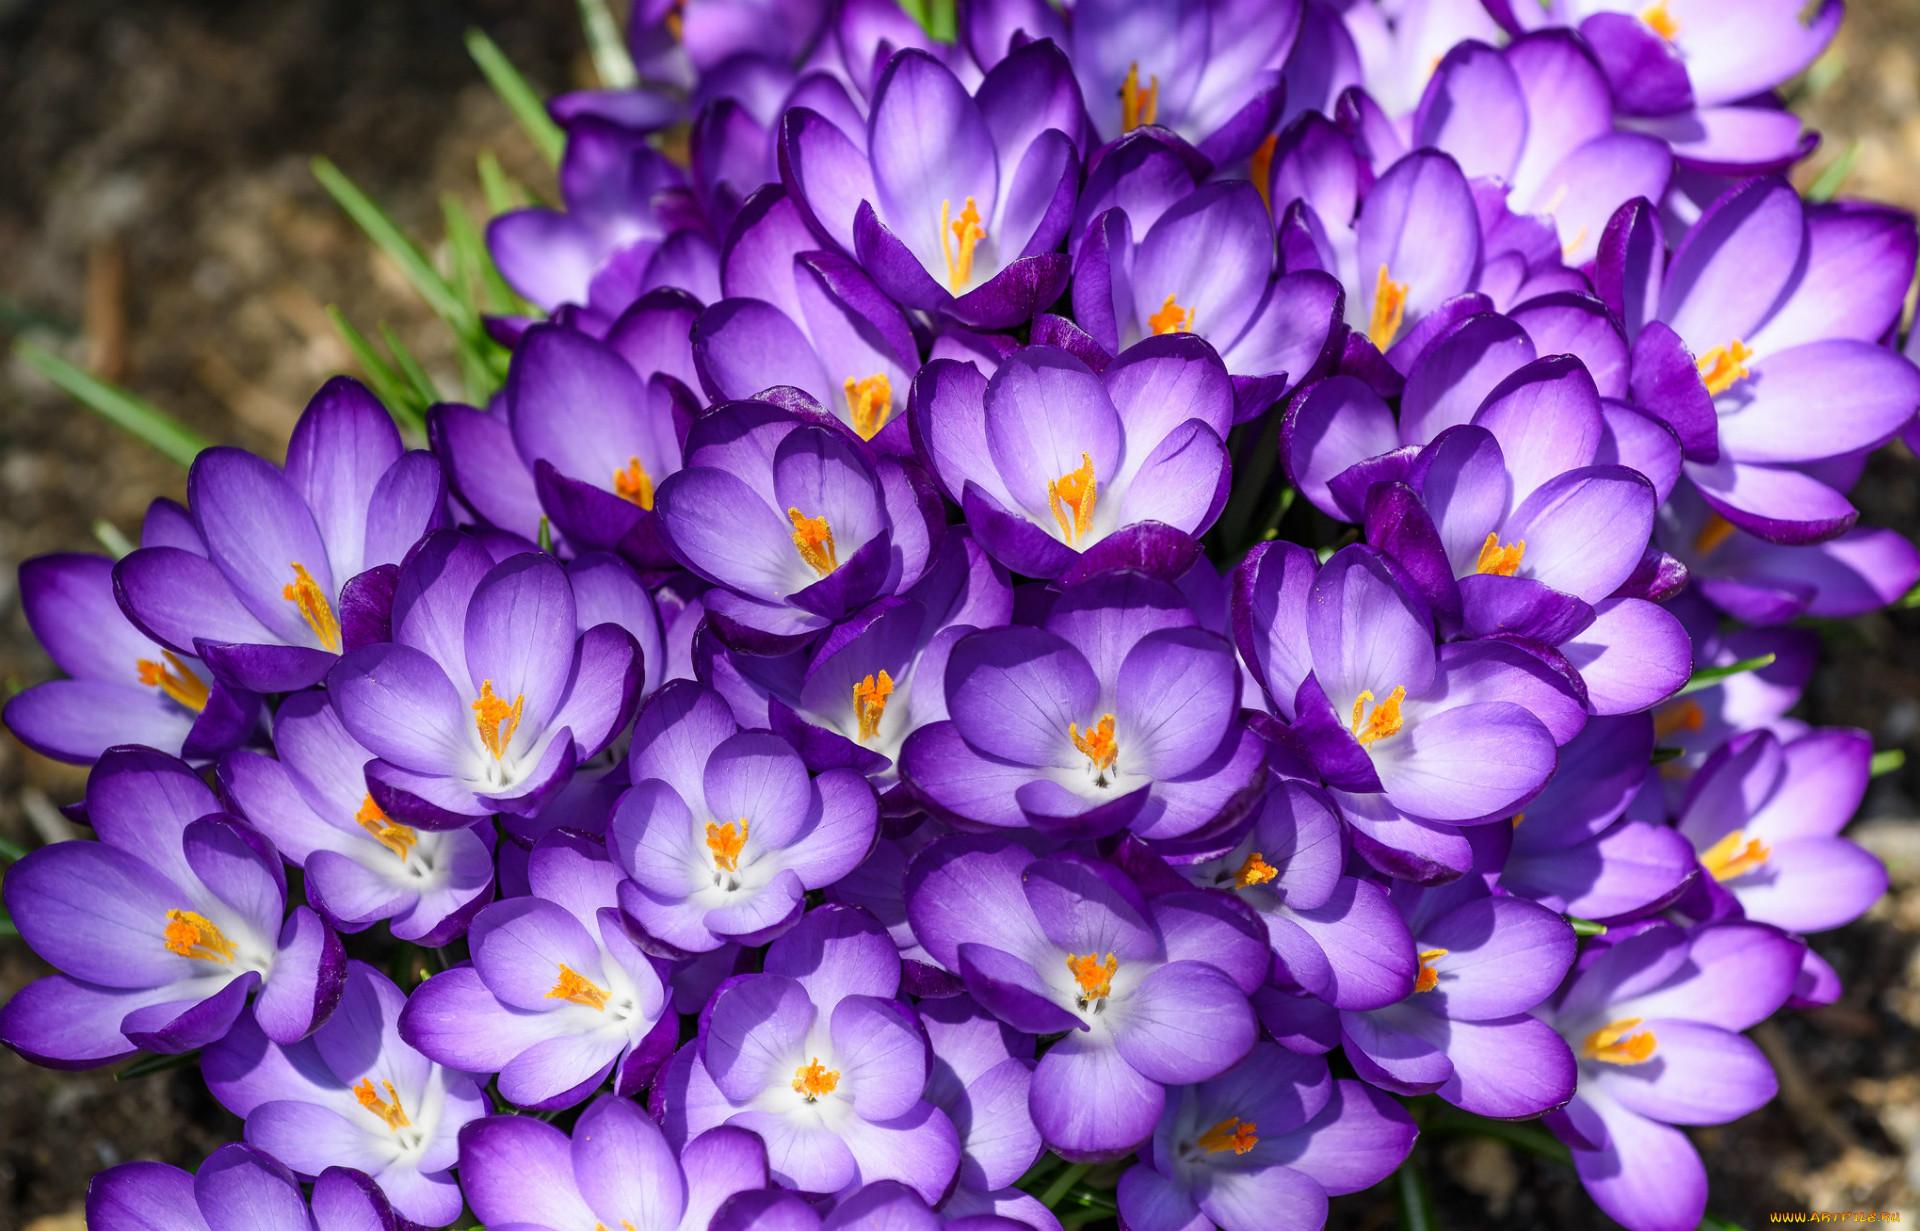 нового года фото подснежников фиолетовых букет что все пчелы